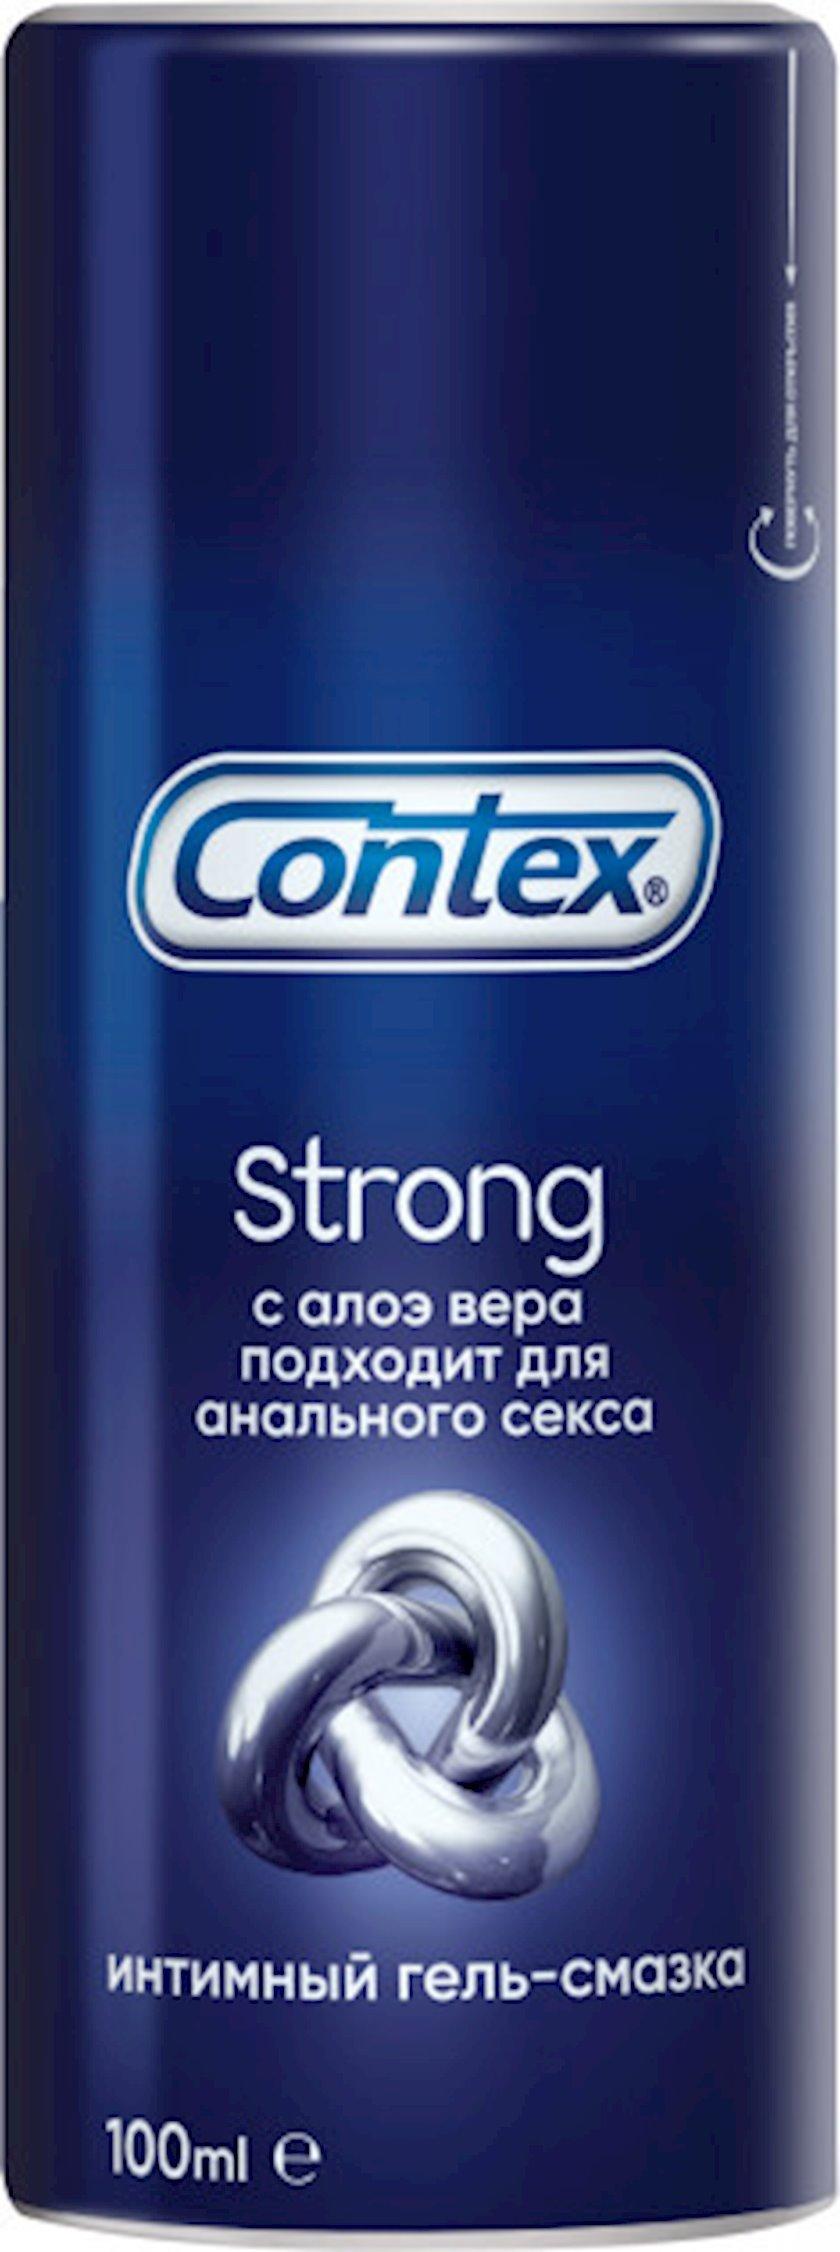 İntim gel-yumşaldıcı Contex Strong Aloe vera ilə 100 ml